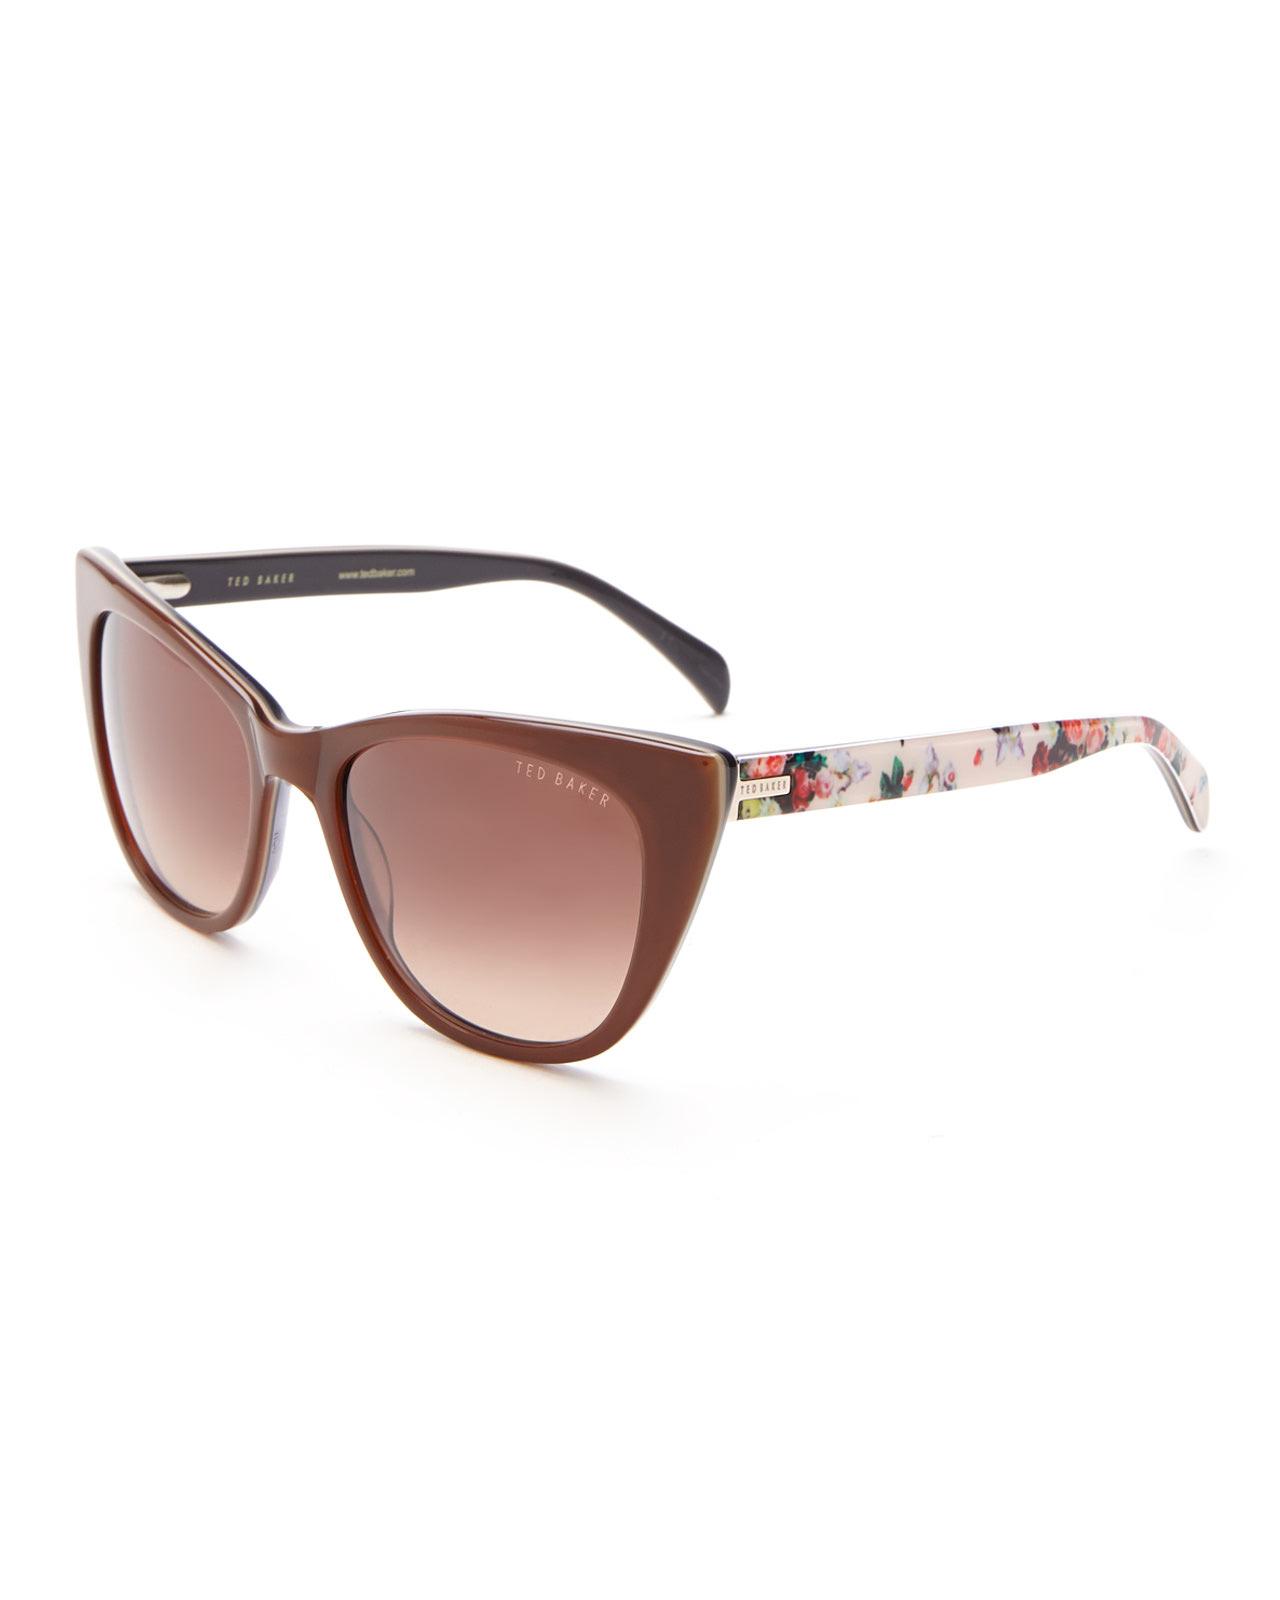 3598265fe77 Ted Baker Sun Glasses - Best Glasses Cnapracticetesting.Com 2018